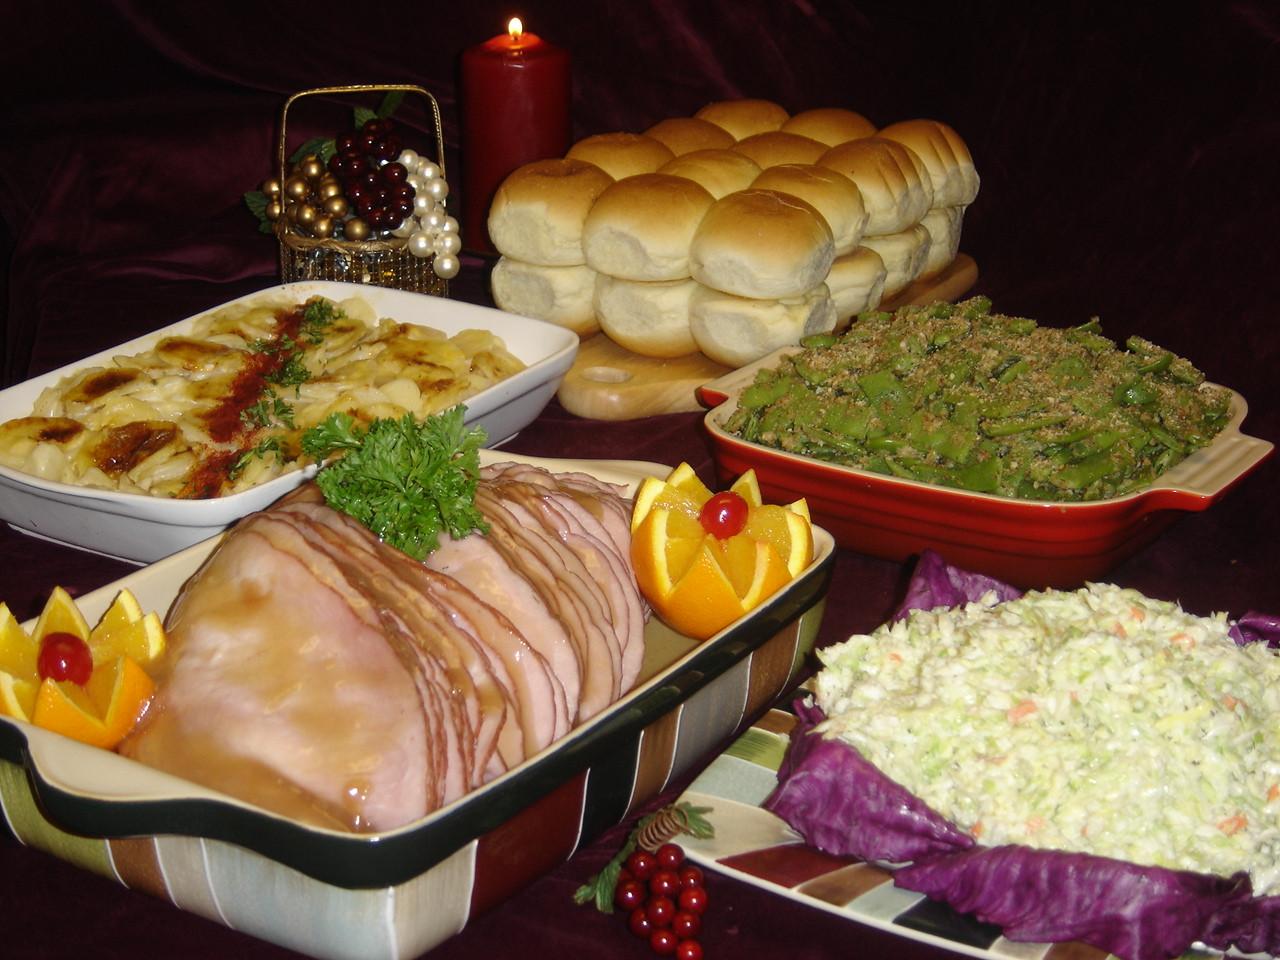 Preparing Easter Dinner  Hop into Schiff's for Easter Dinner made easy